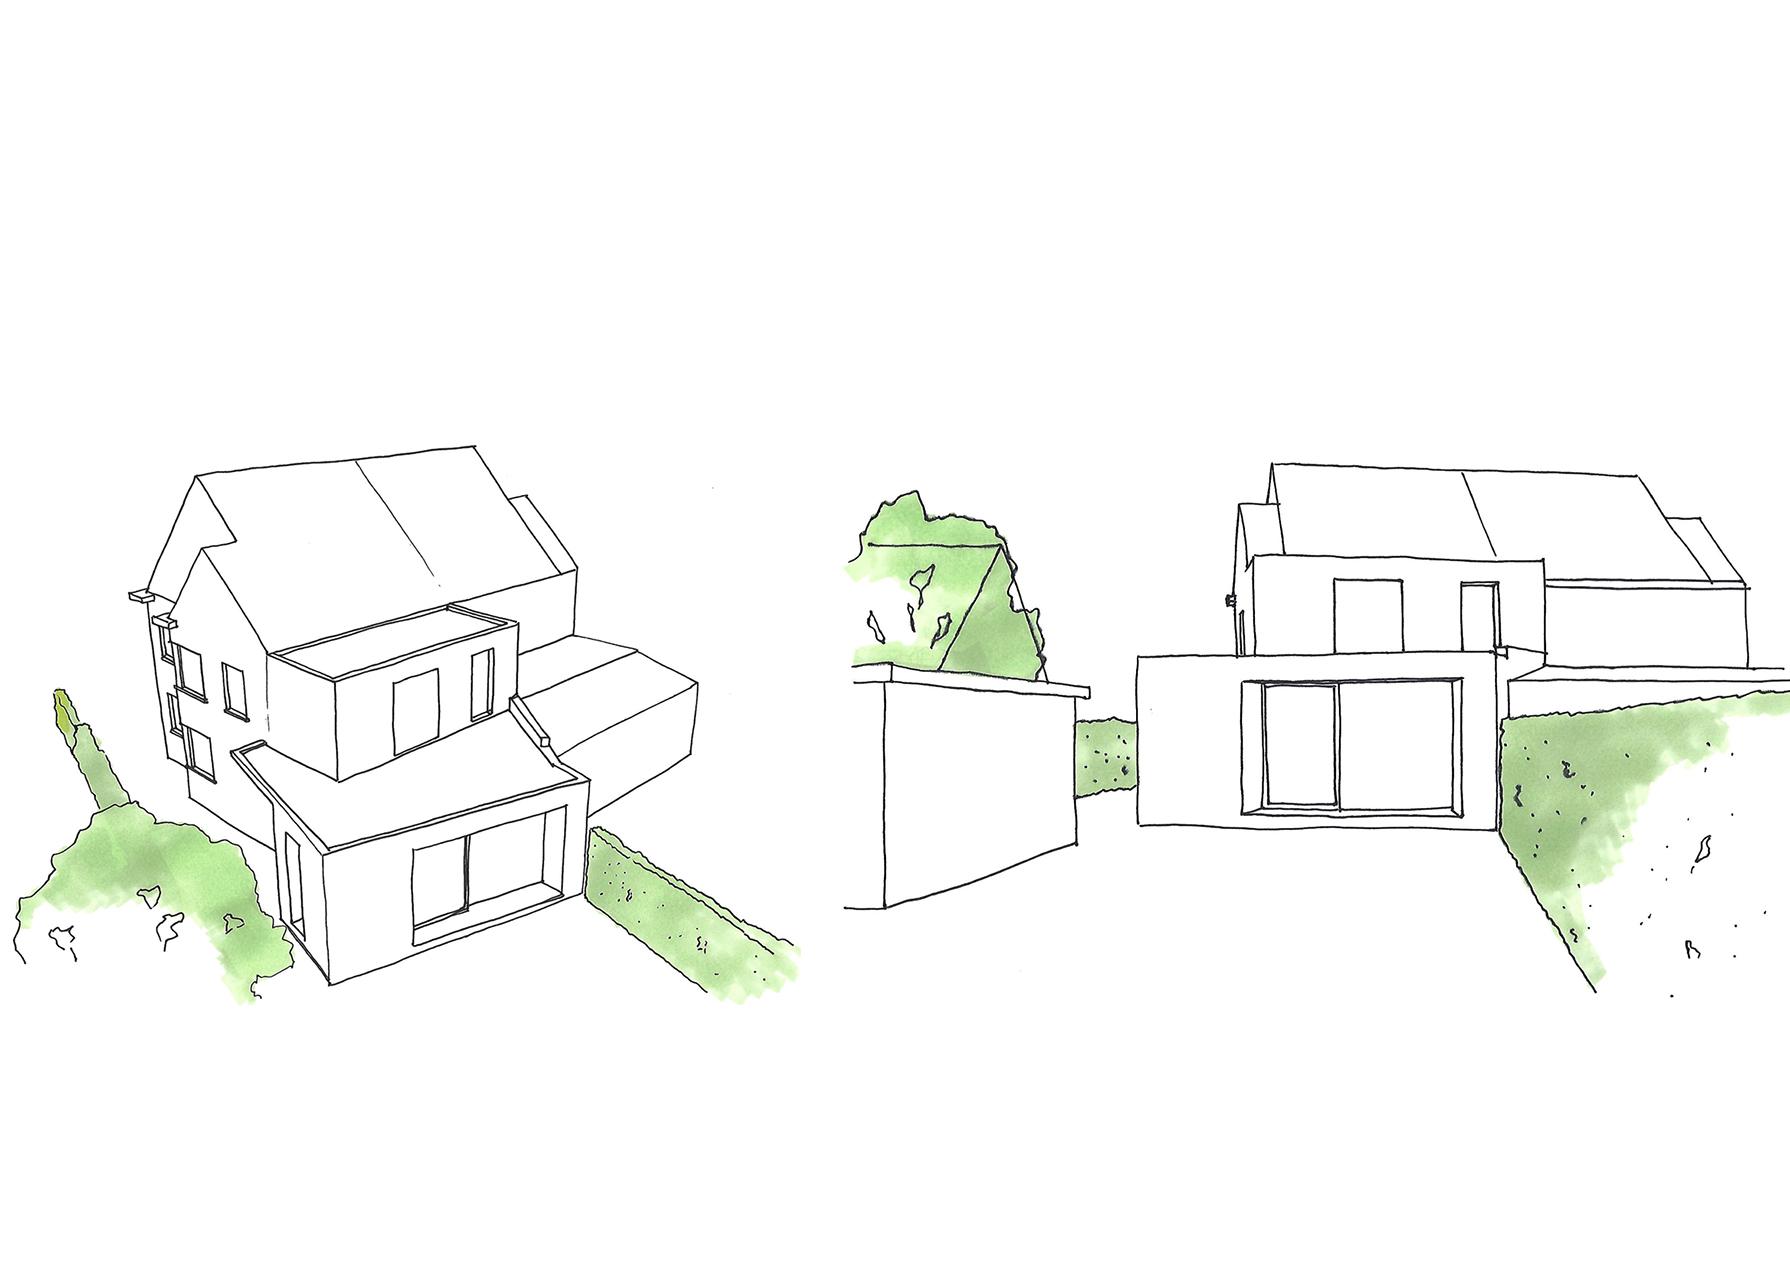 faktordertig - uitbreiding - architectuur - interieur - renovatie - ecologisch